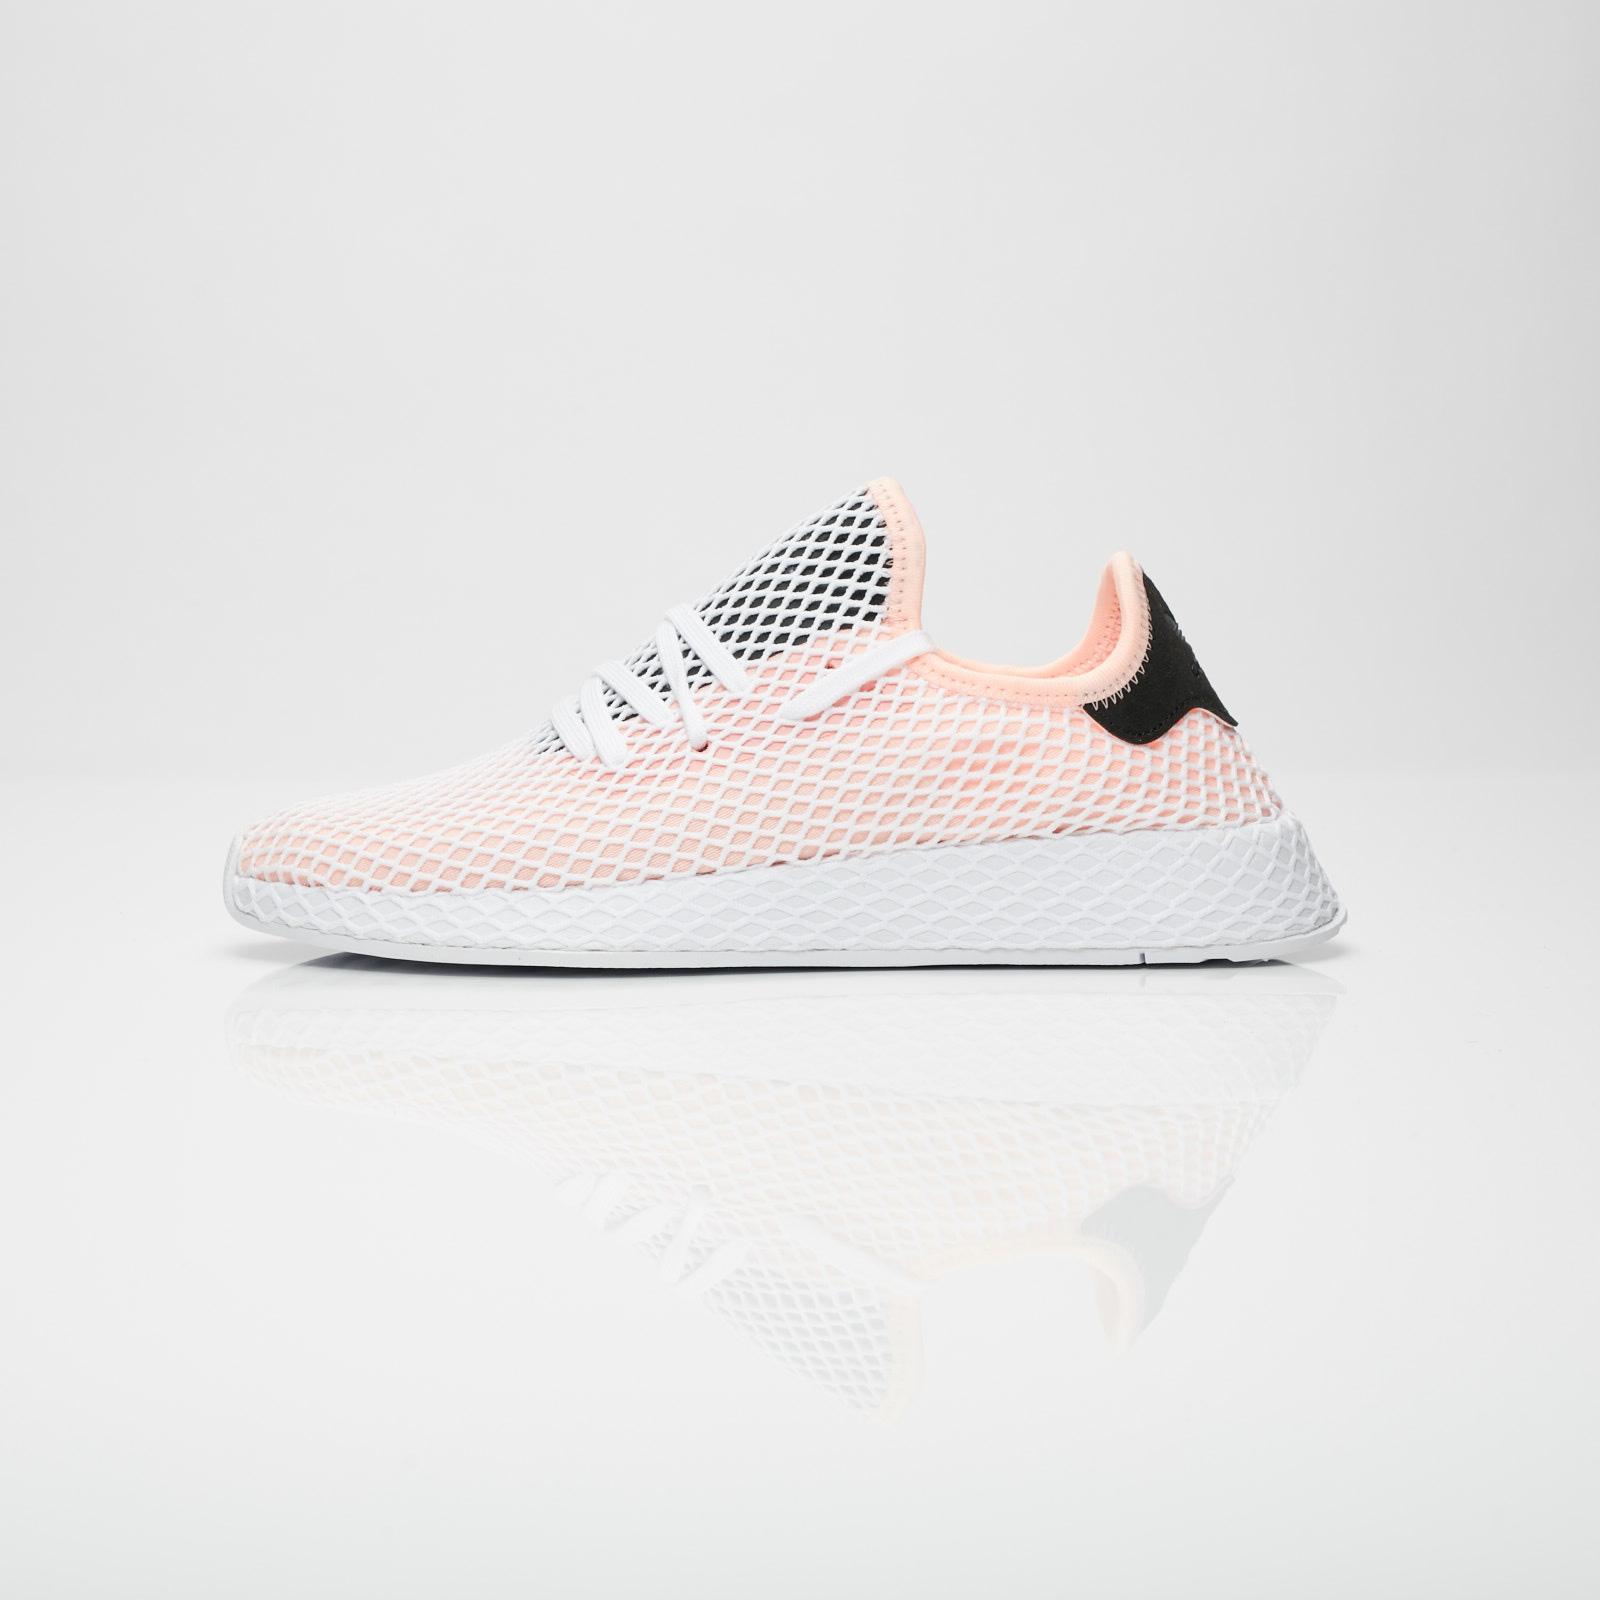 9c23ba3e5fd56 adidas Deerupt Runner - B28075 - Sneakersnstuff